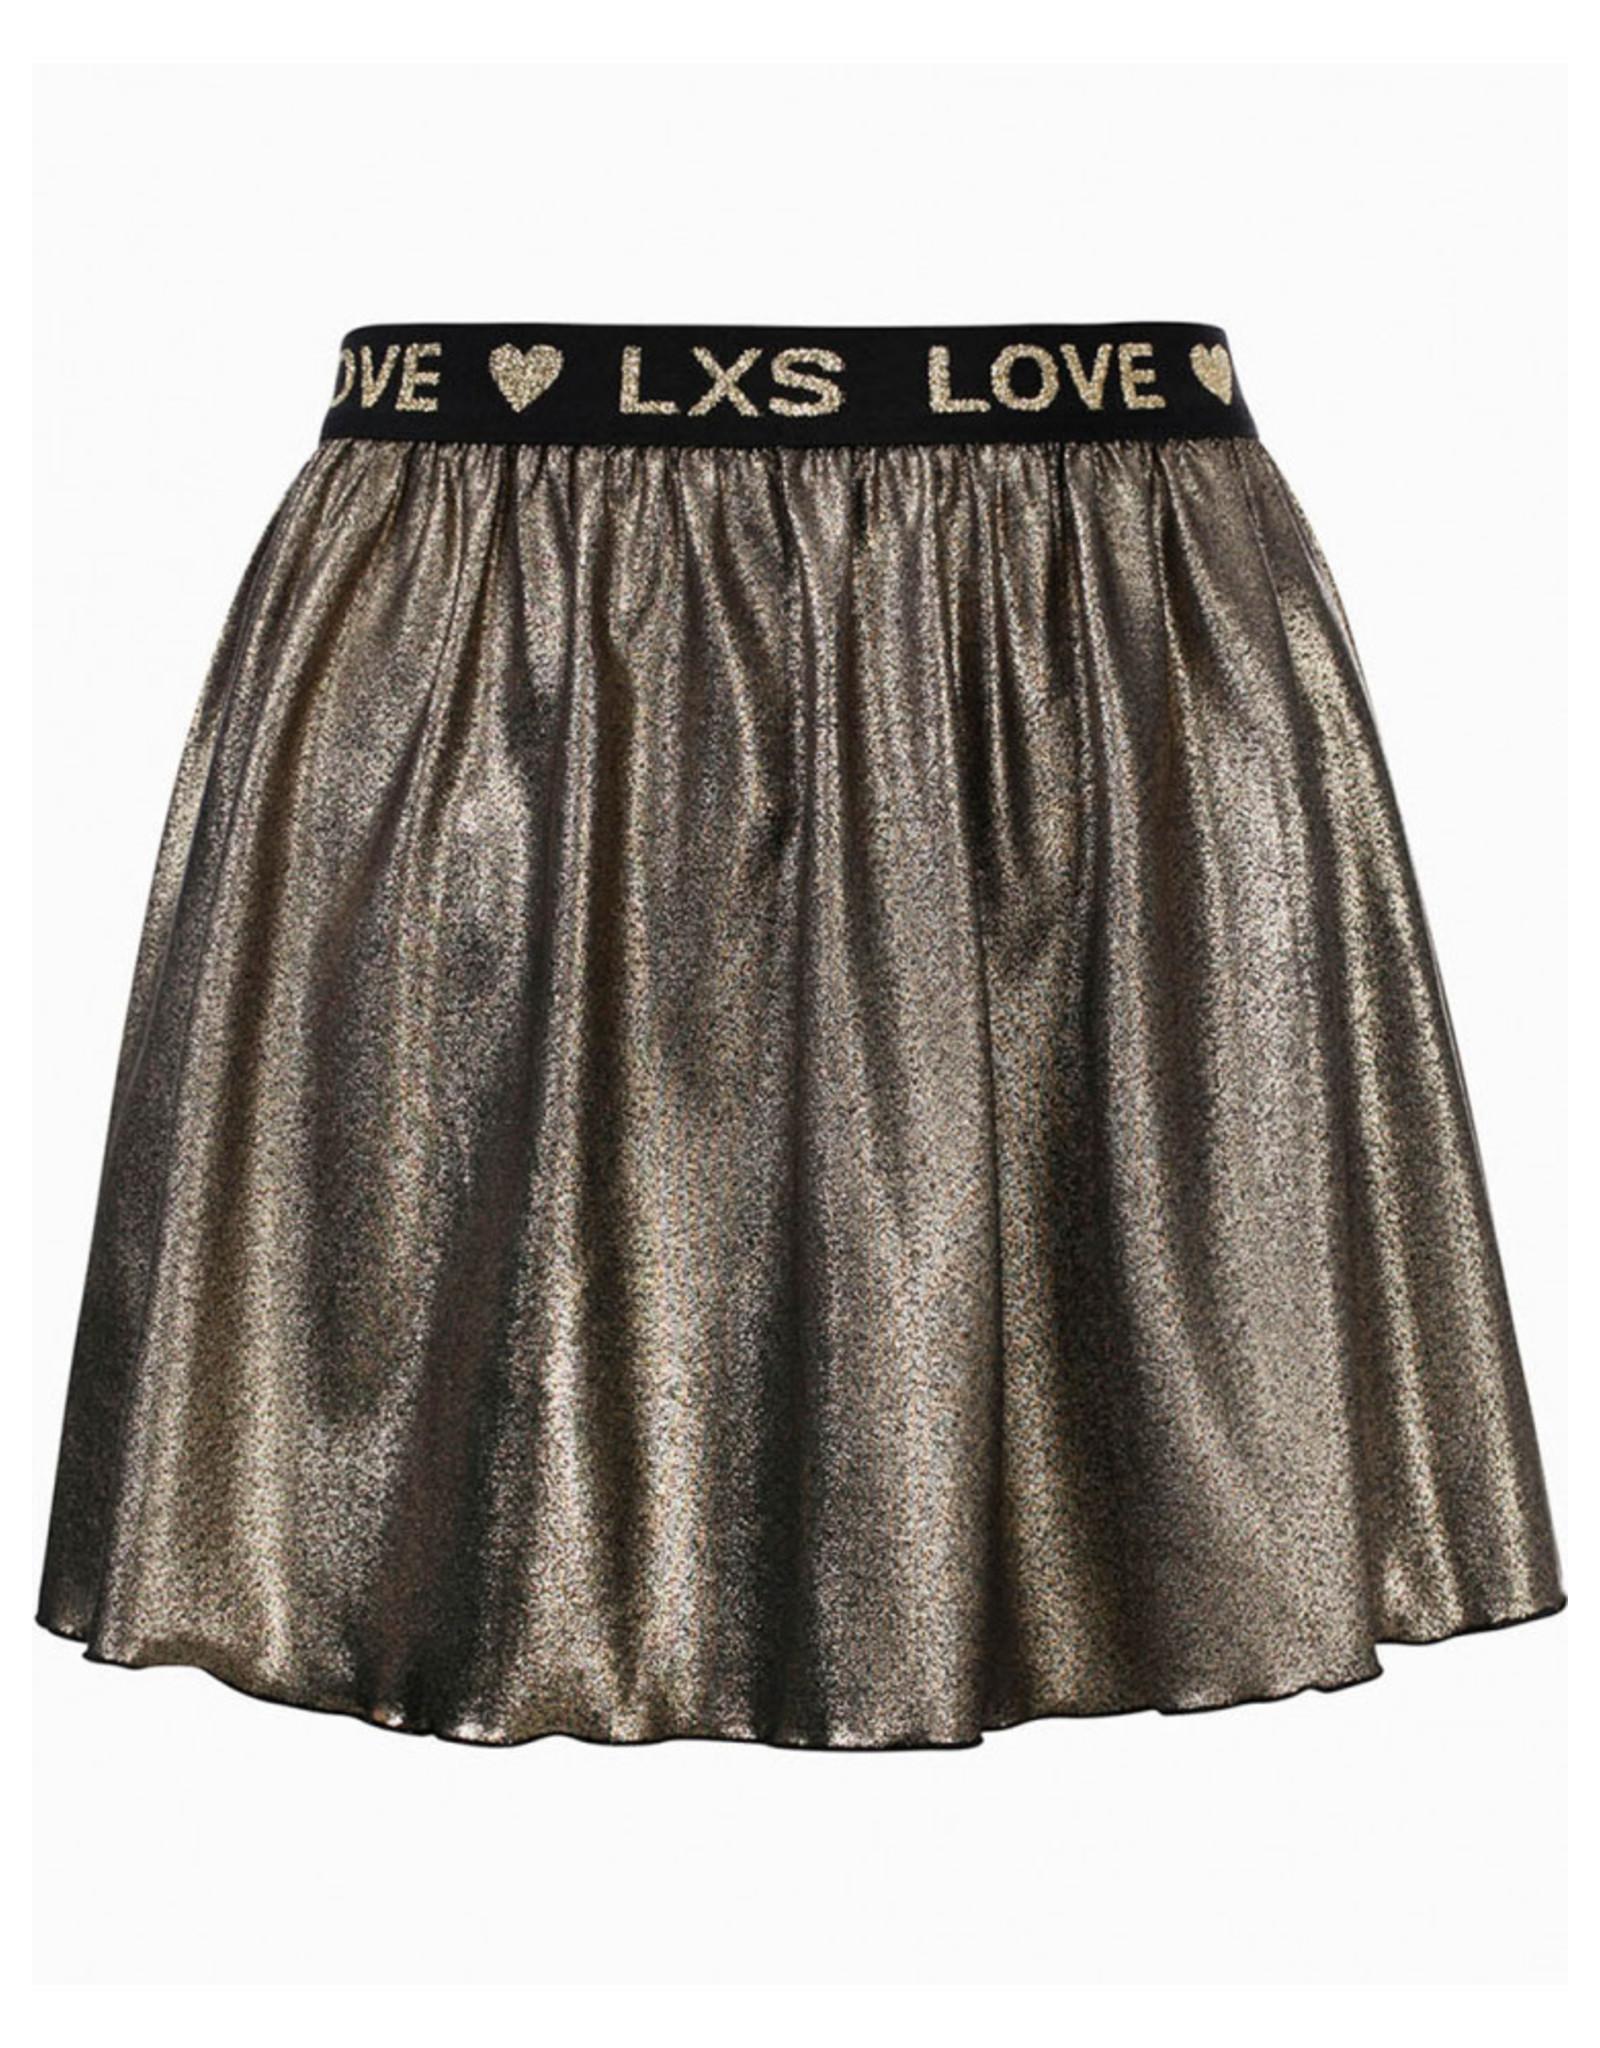 LOOXS Little Little metallic skirt gold